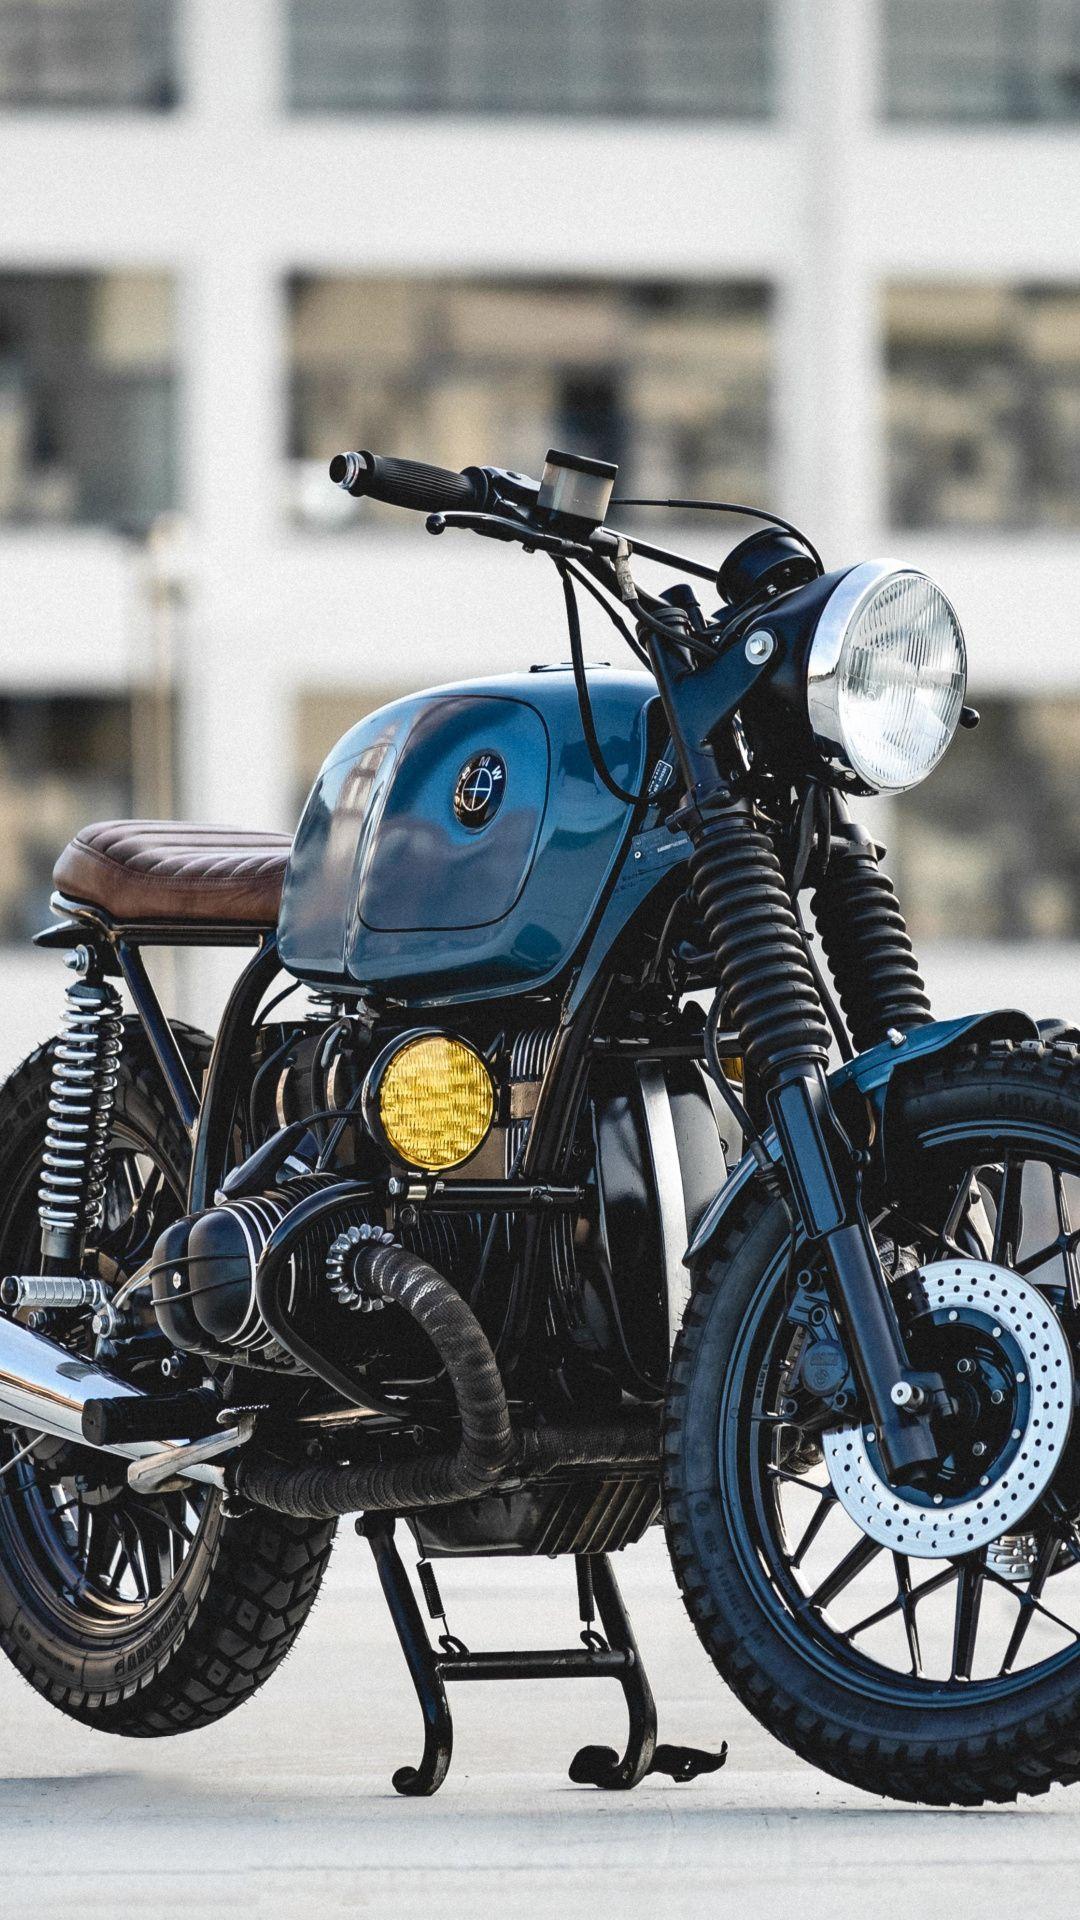 BMW, bike wallpaper